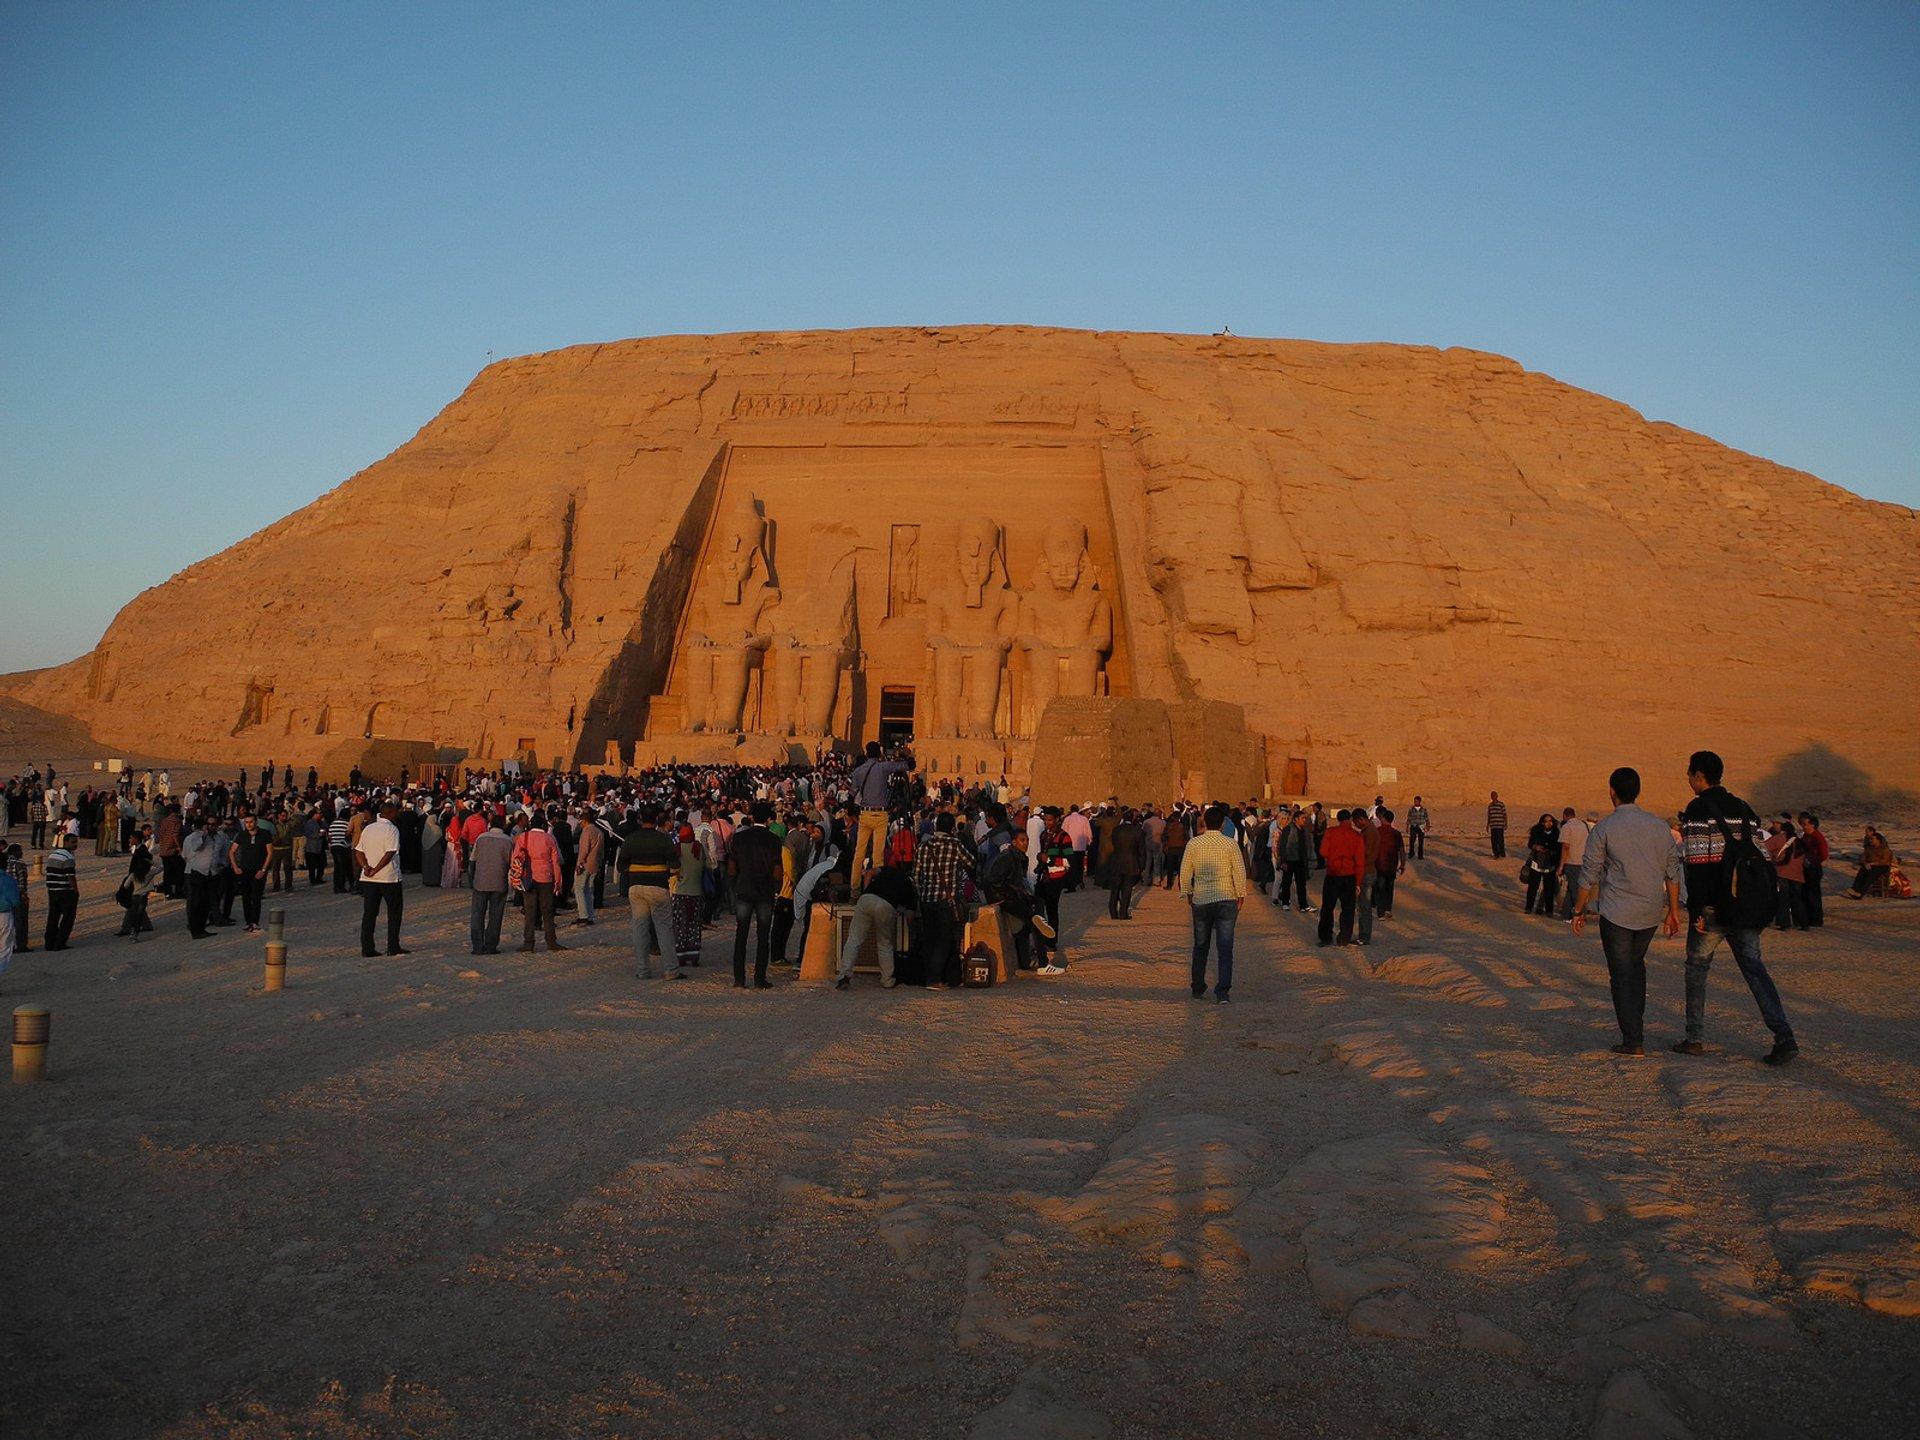 Abu Simbel Sun Festival in Egypt - Best Time